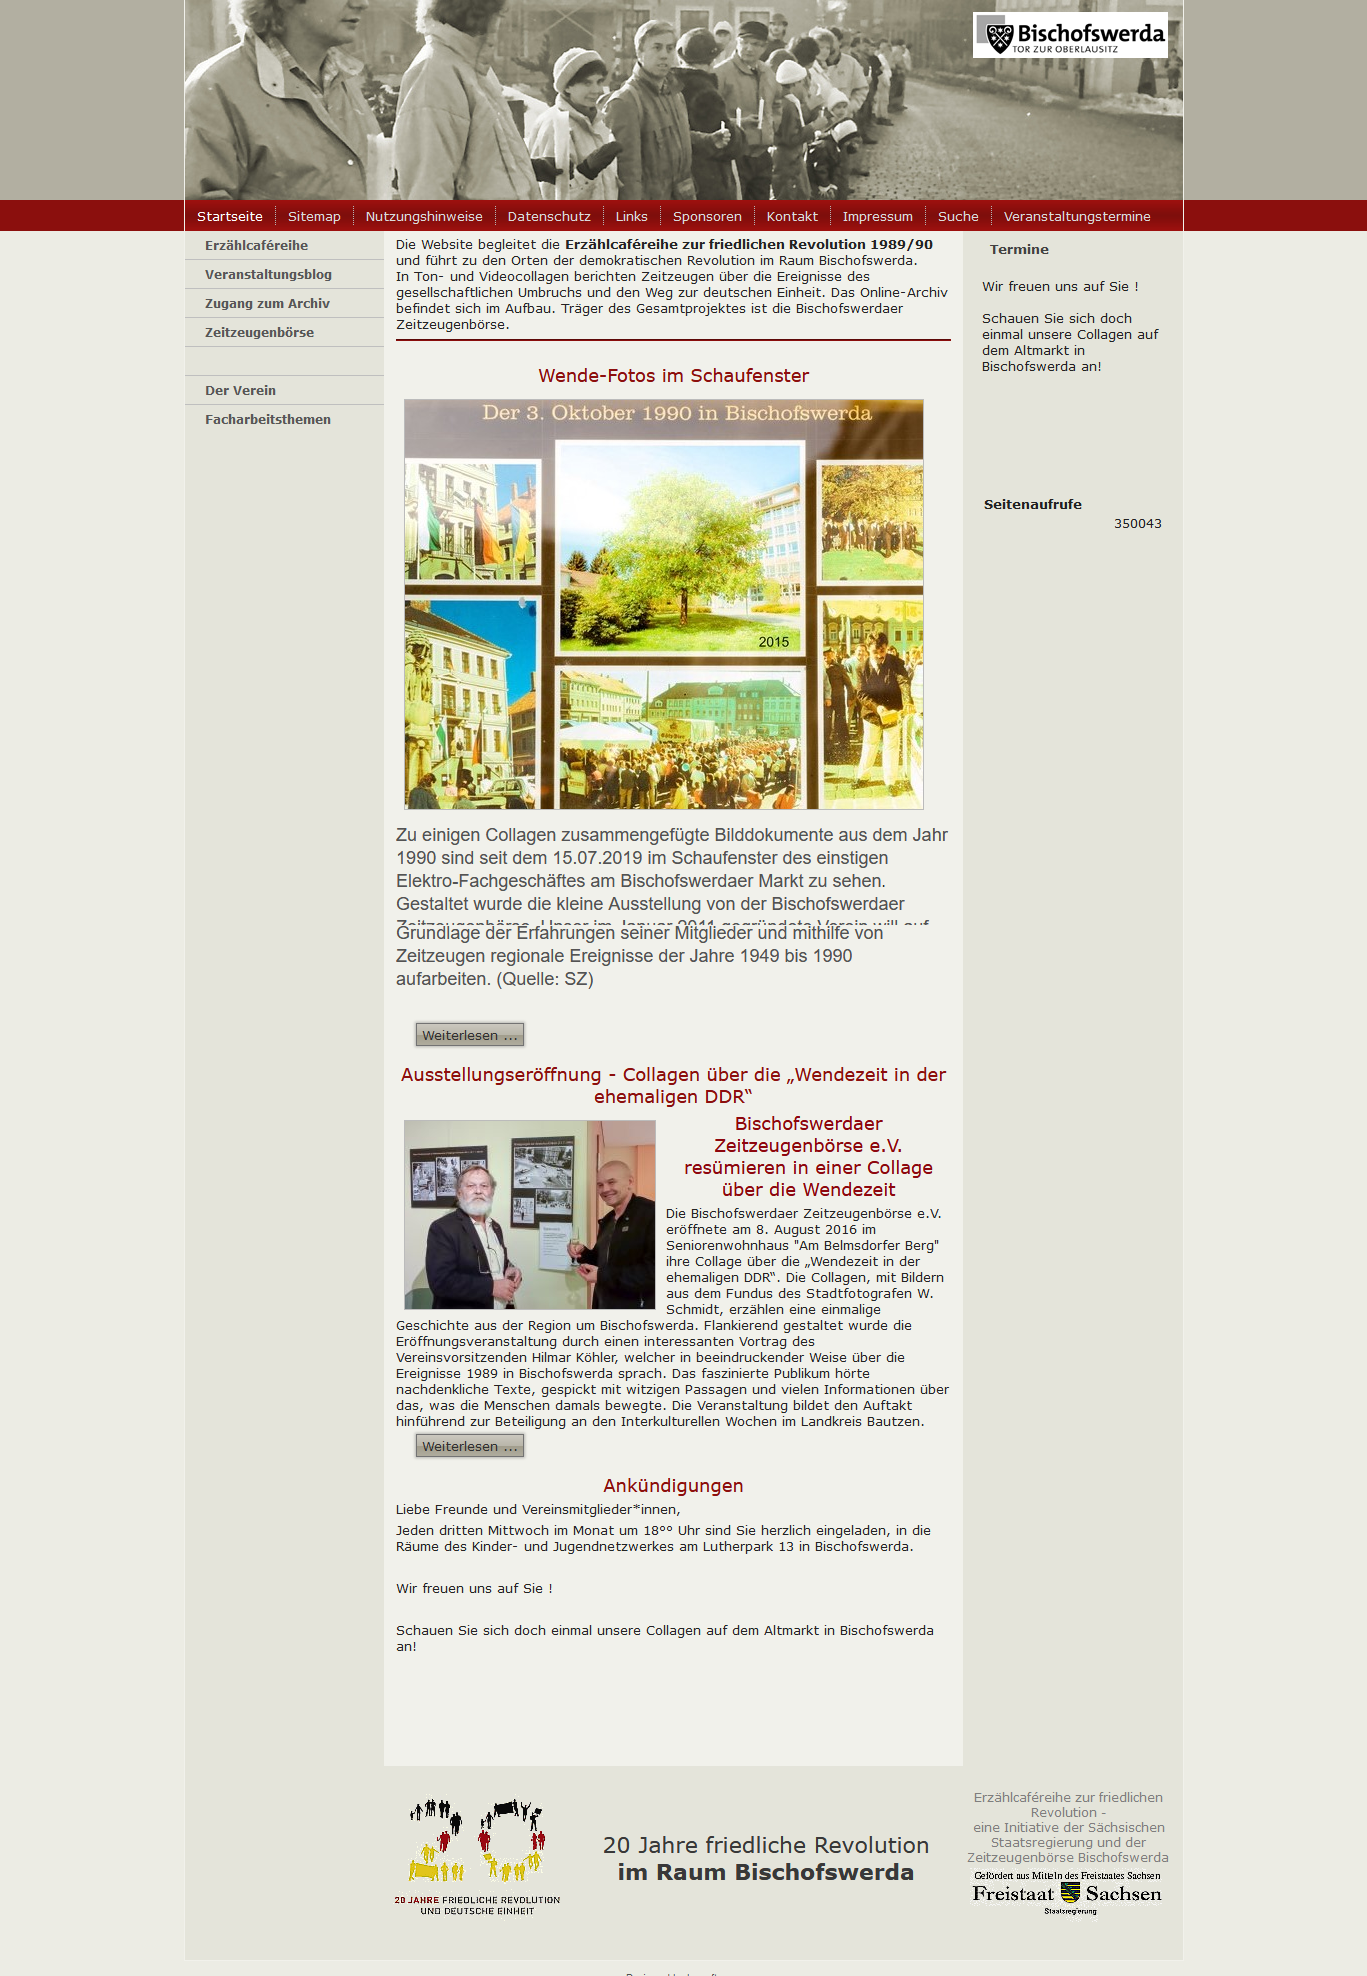 Die Friedliche Revolution im Raum Bischofswerda